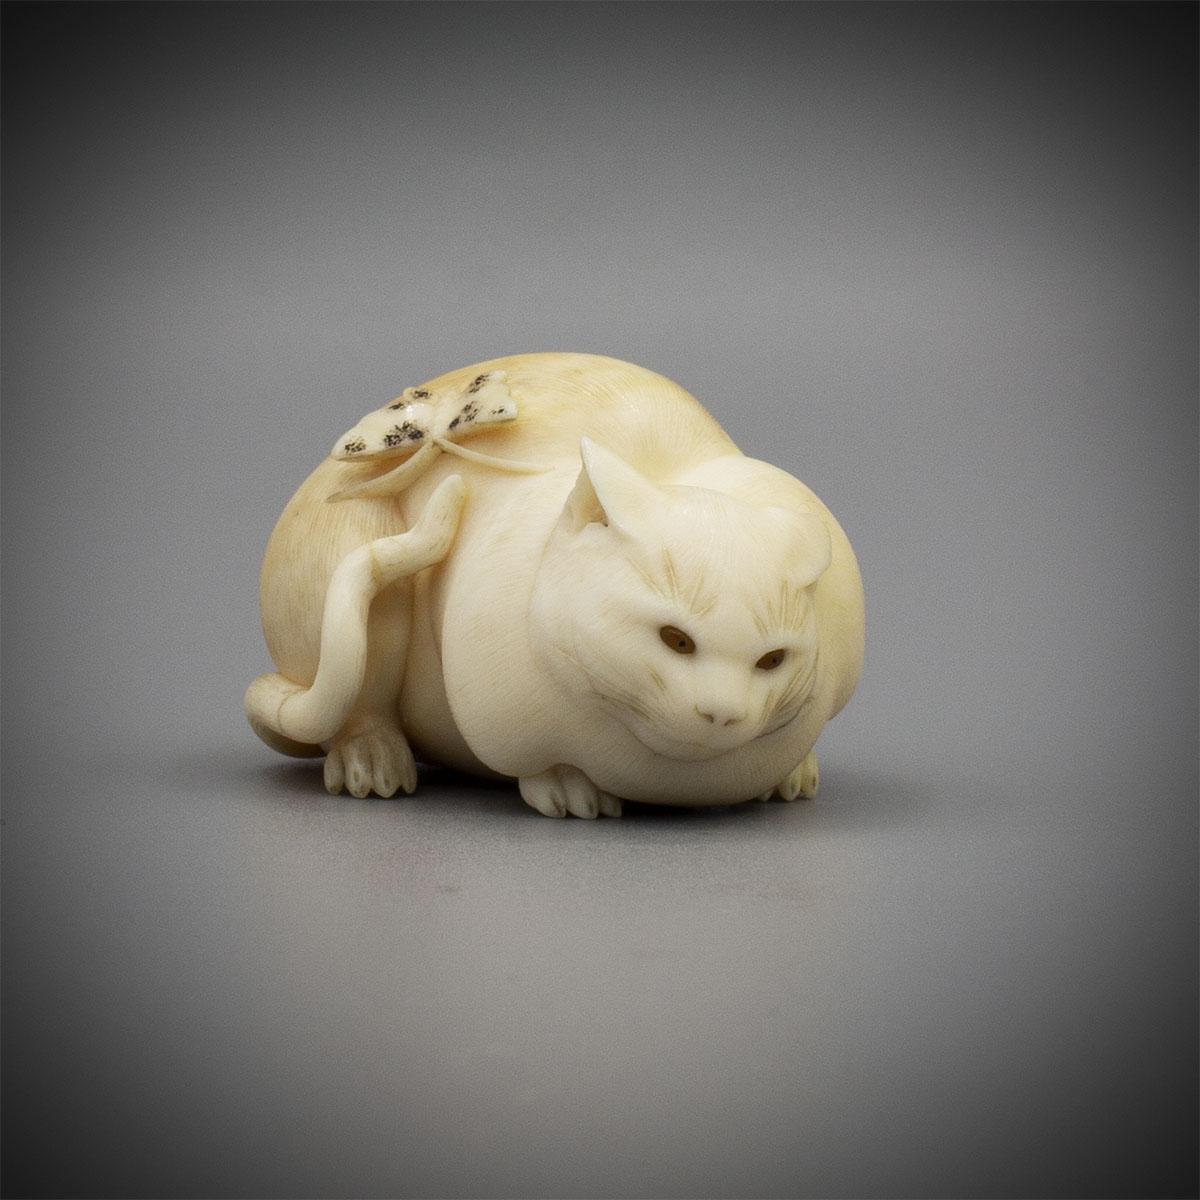 Ivory Netsuke of a Crouching Cat by Kaigyokusai Masatsugu